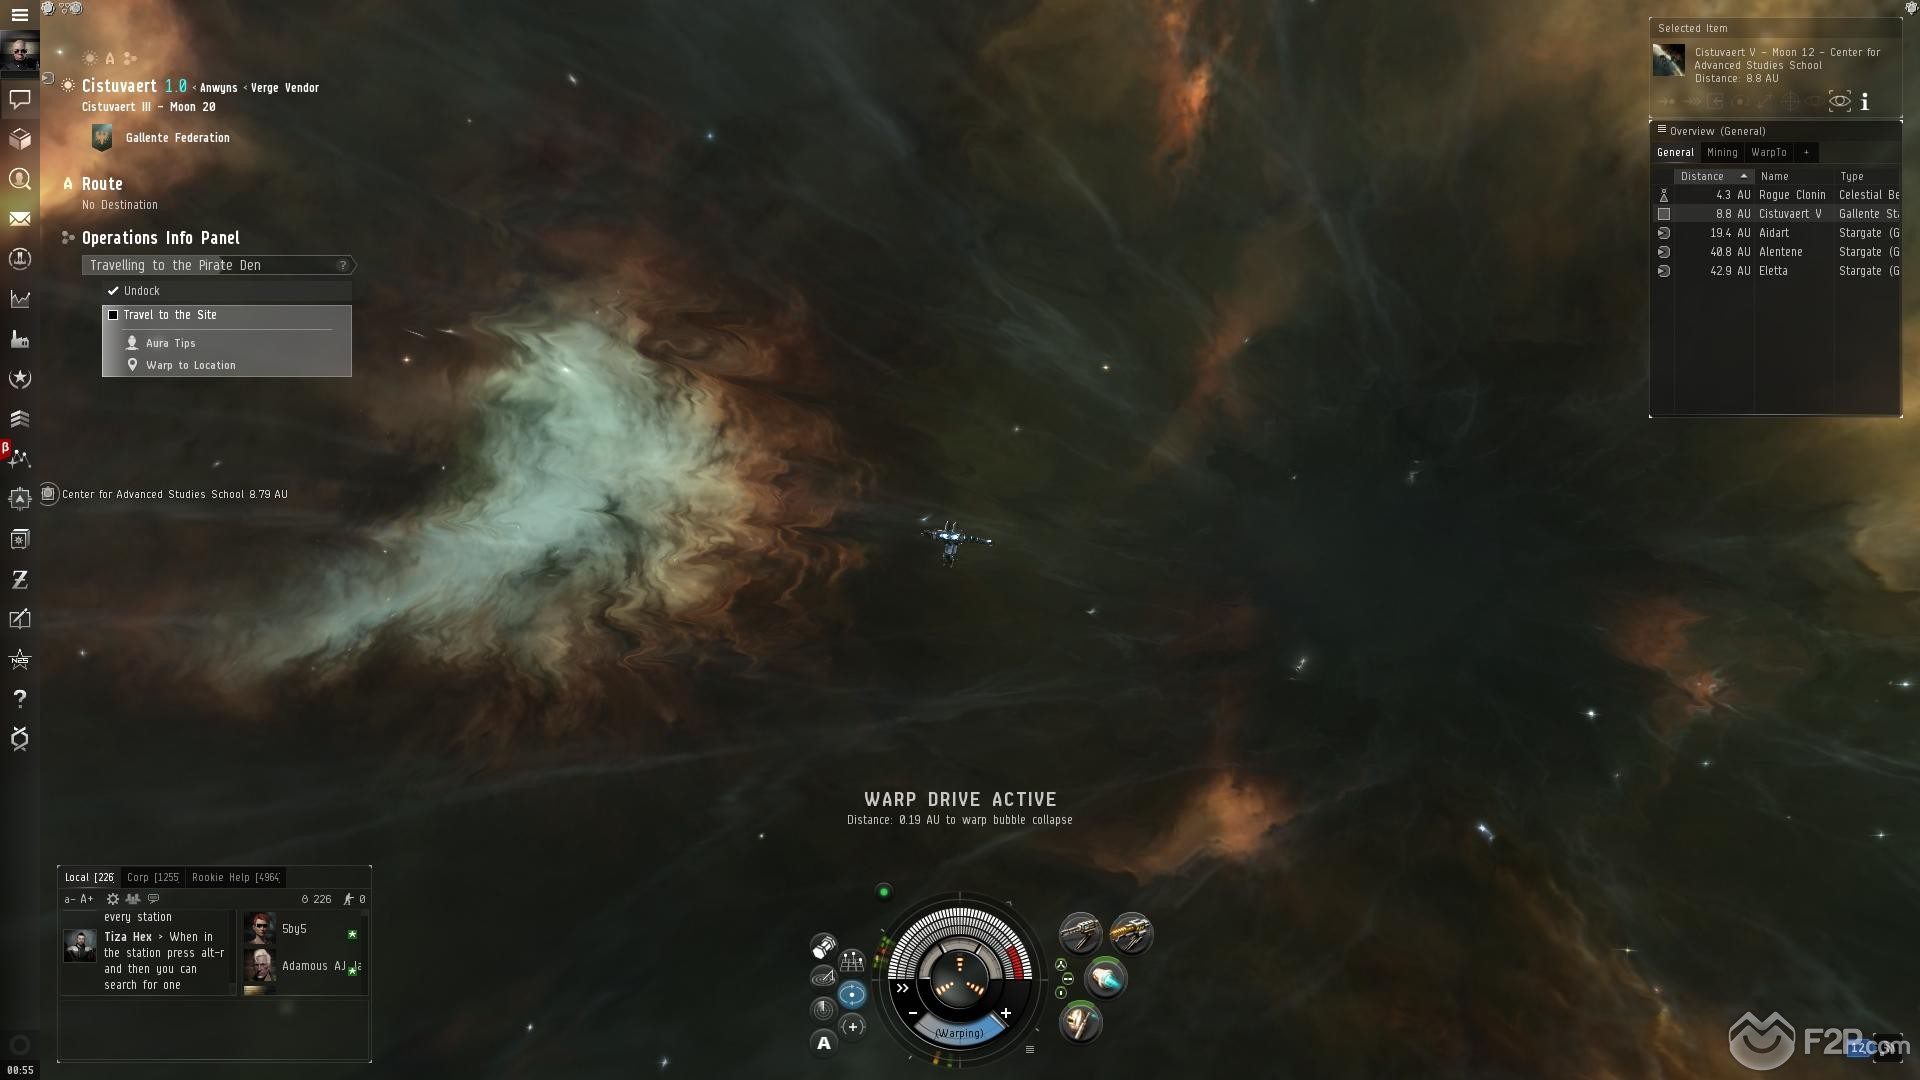 Eve online 32-bit download